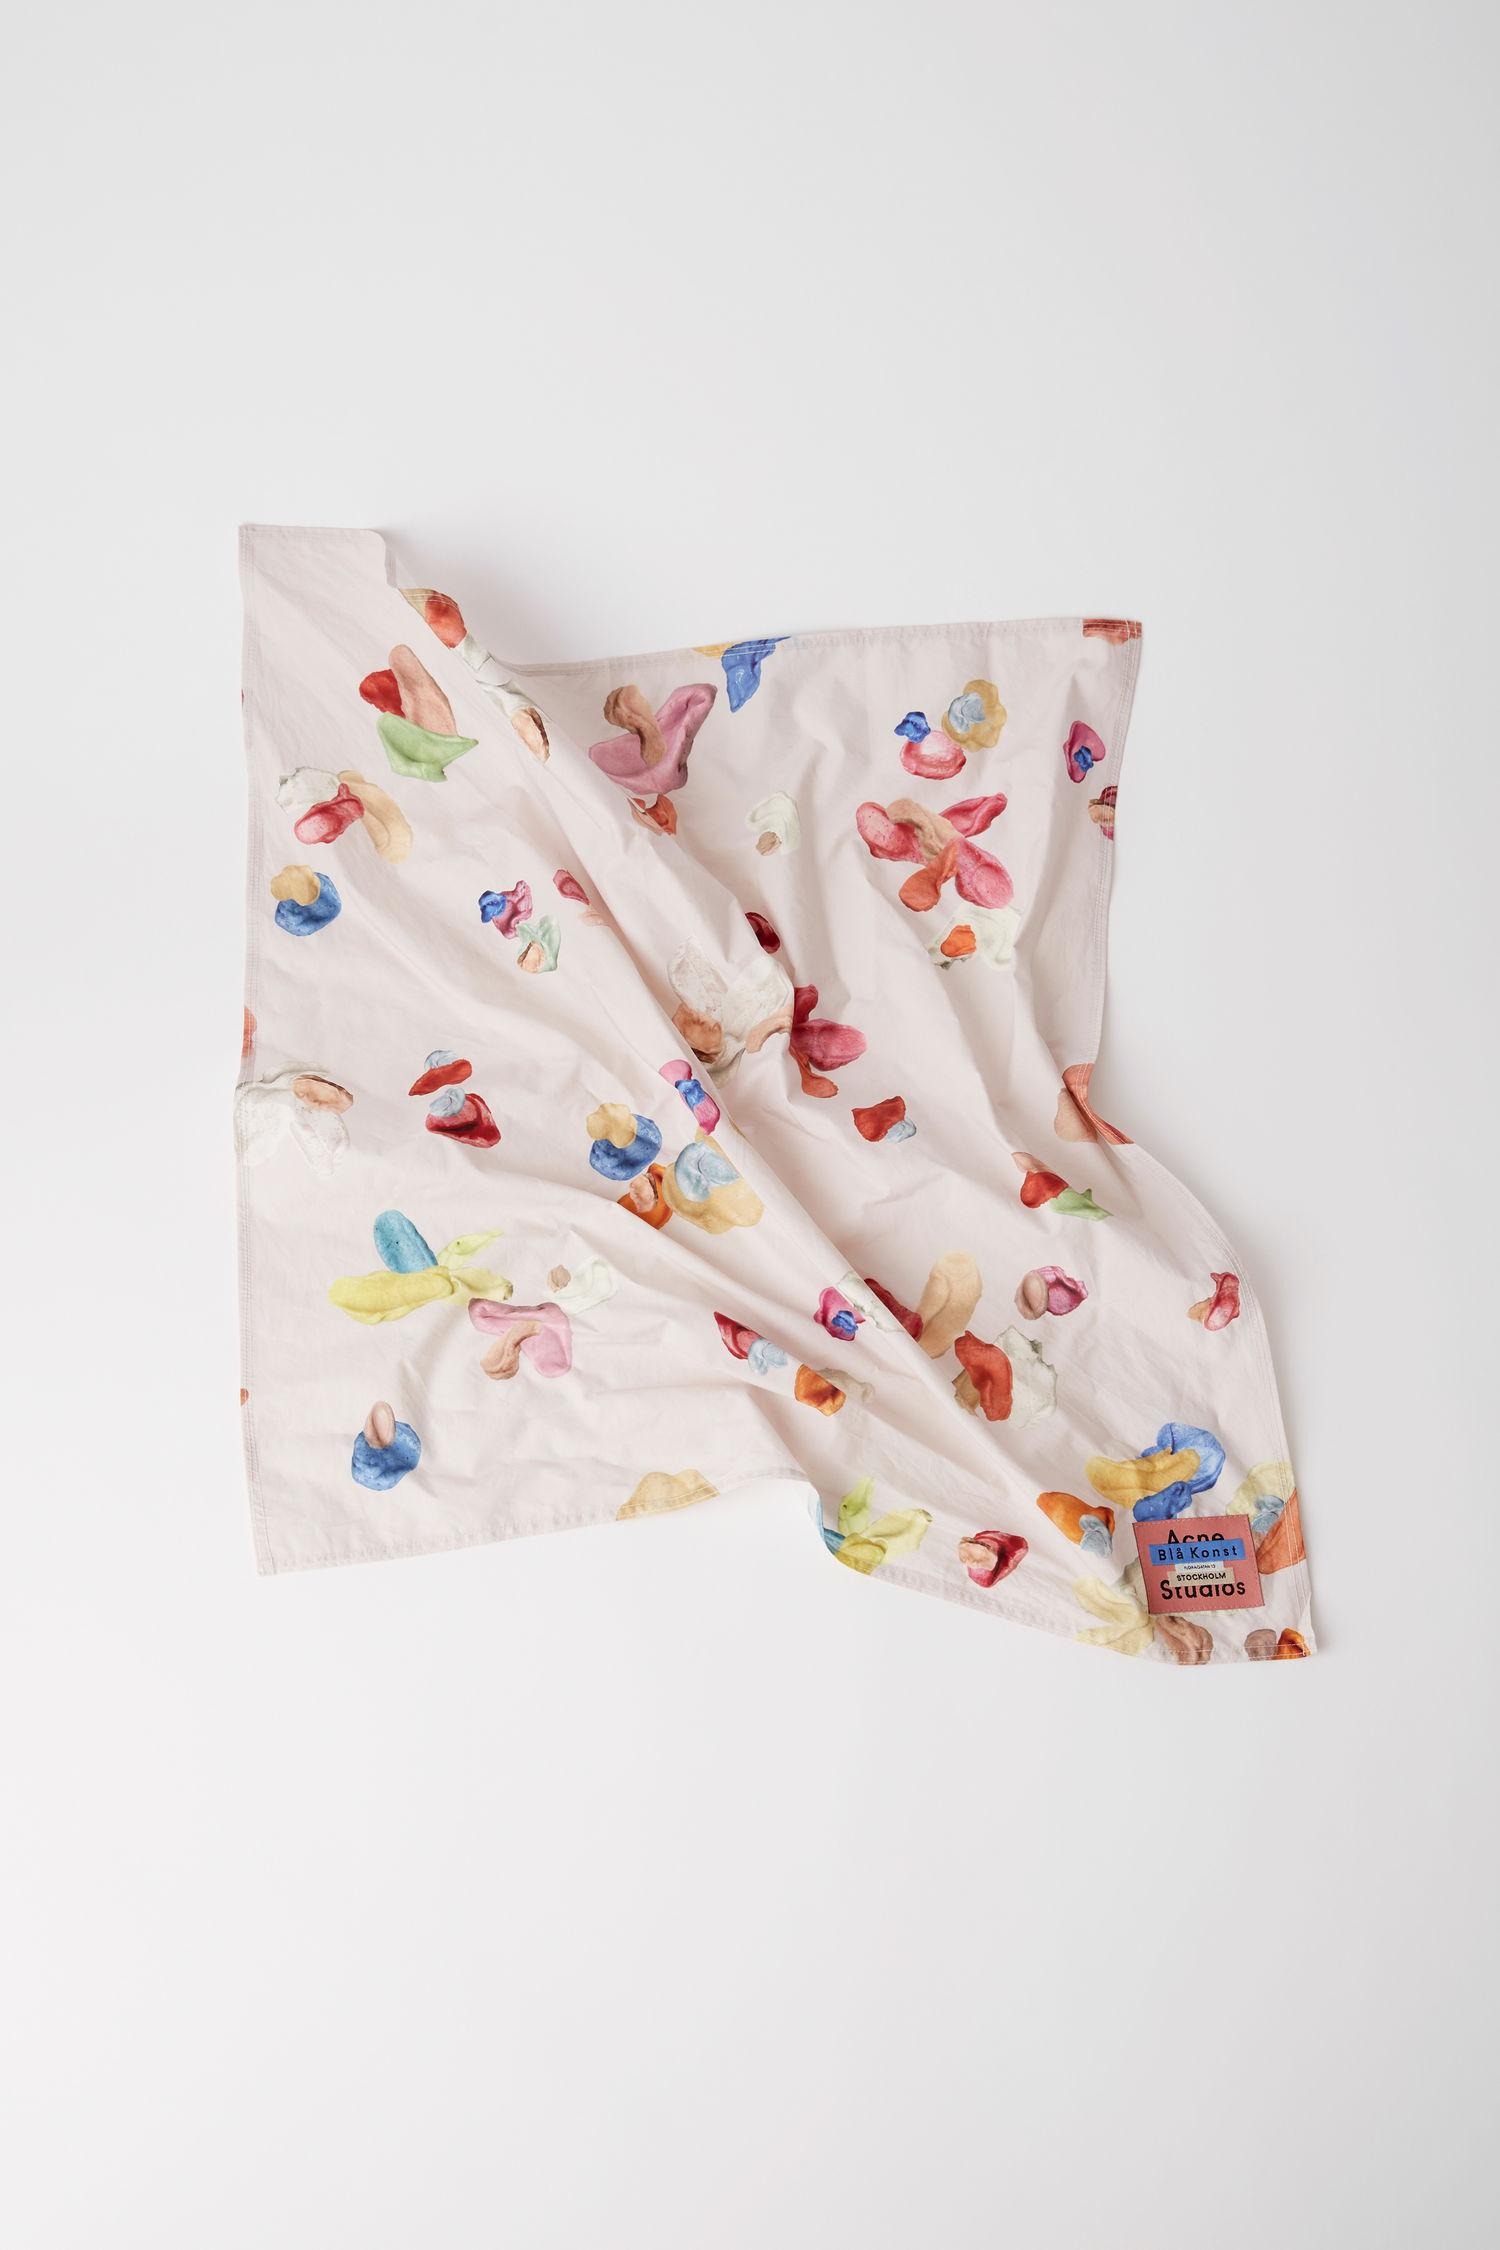 Acne Studios - Gum Print Scarf 01